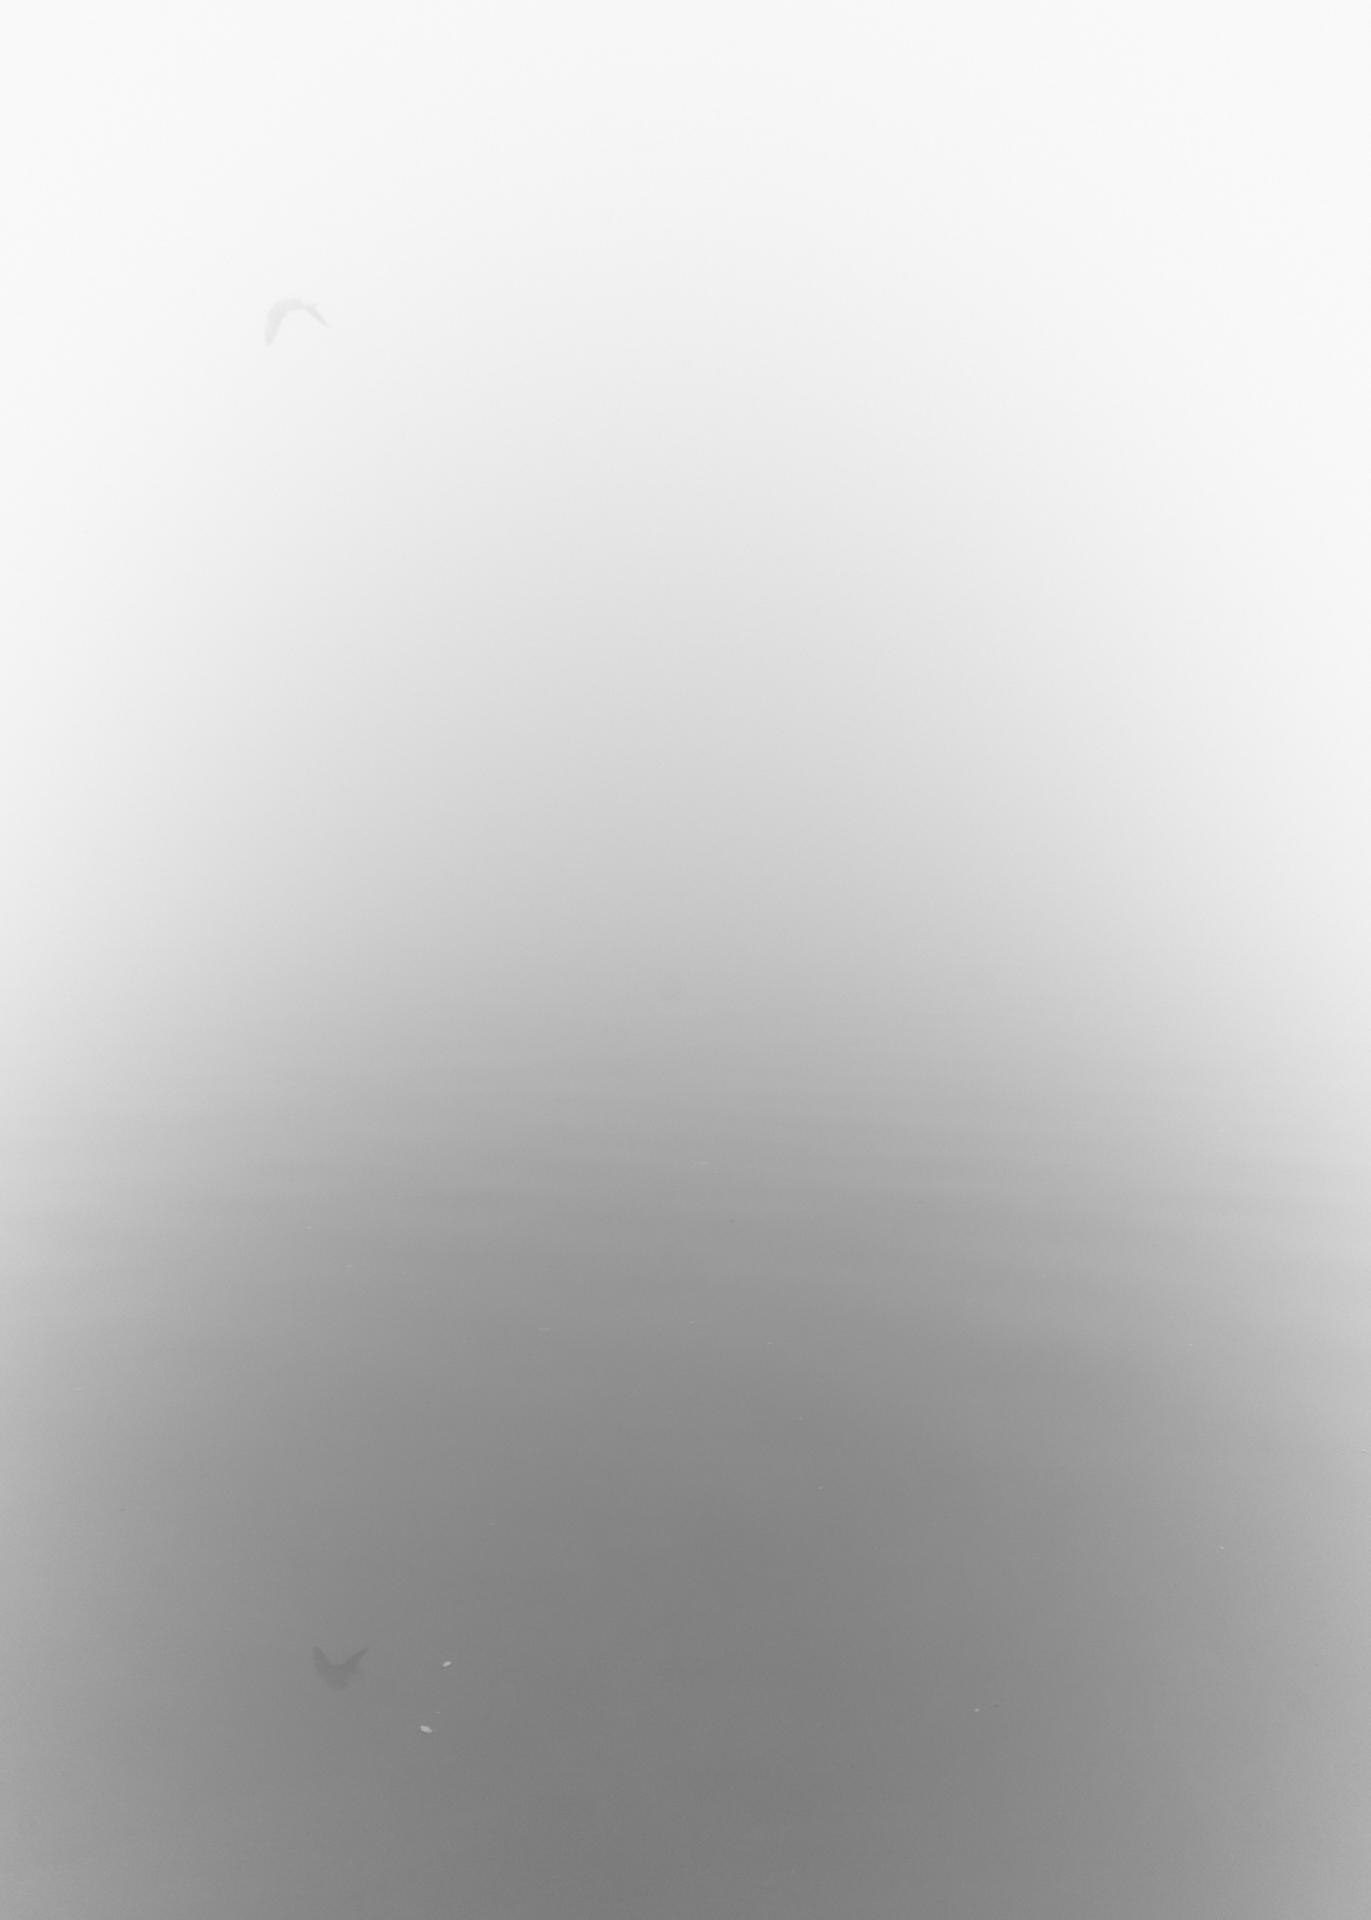 Varanassi 6.jpg